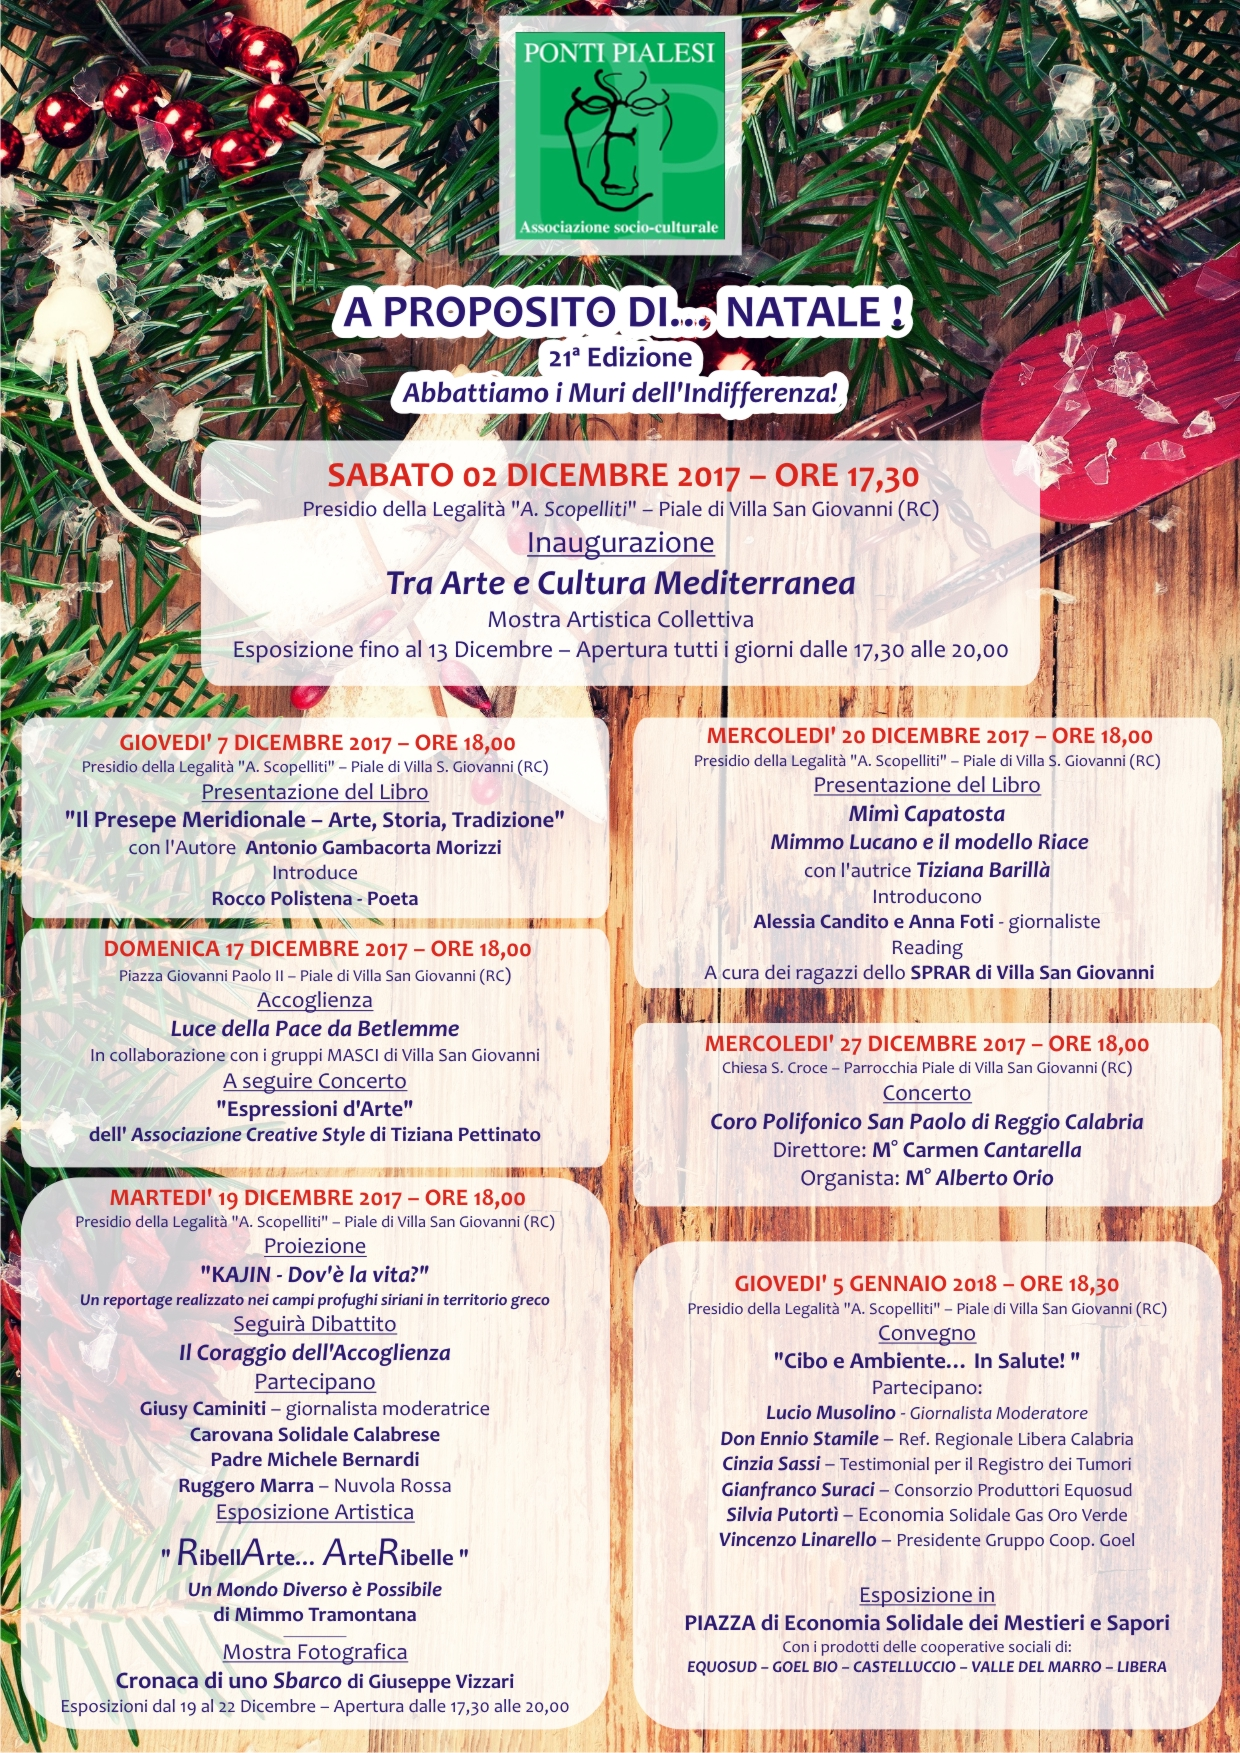 PONTI PIALESI - A Proposito di... Natale ! - 21a Edizione - Abbattiamo di Muri dell'Indifferenza